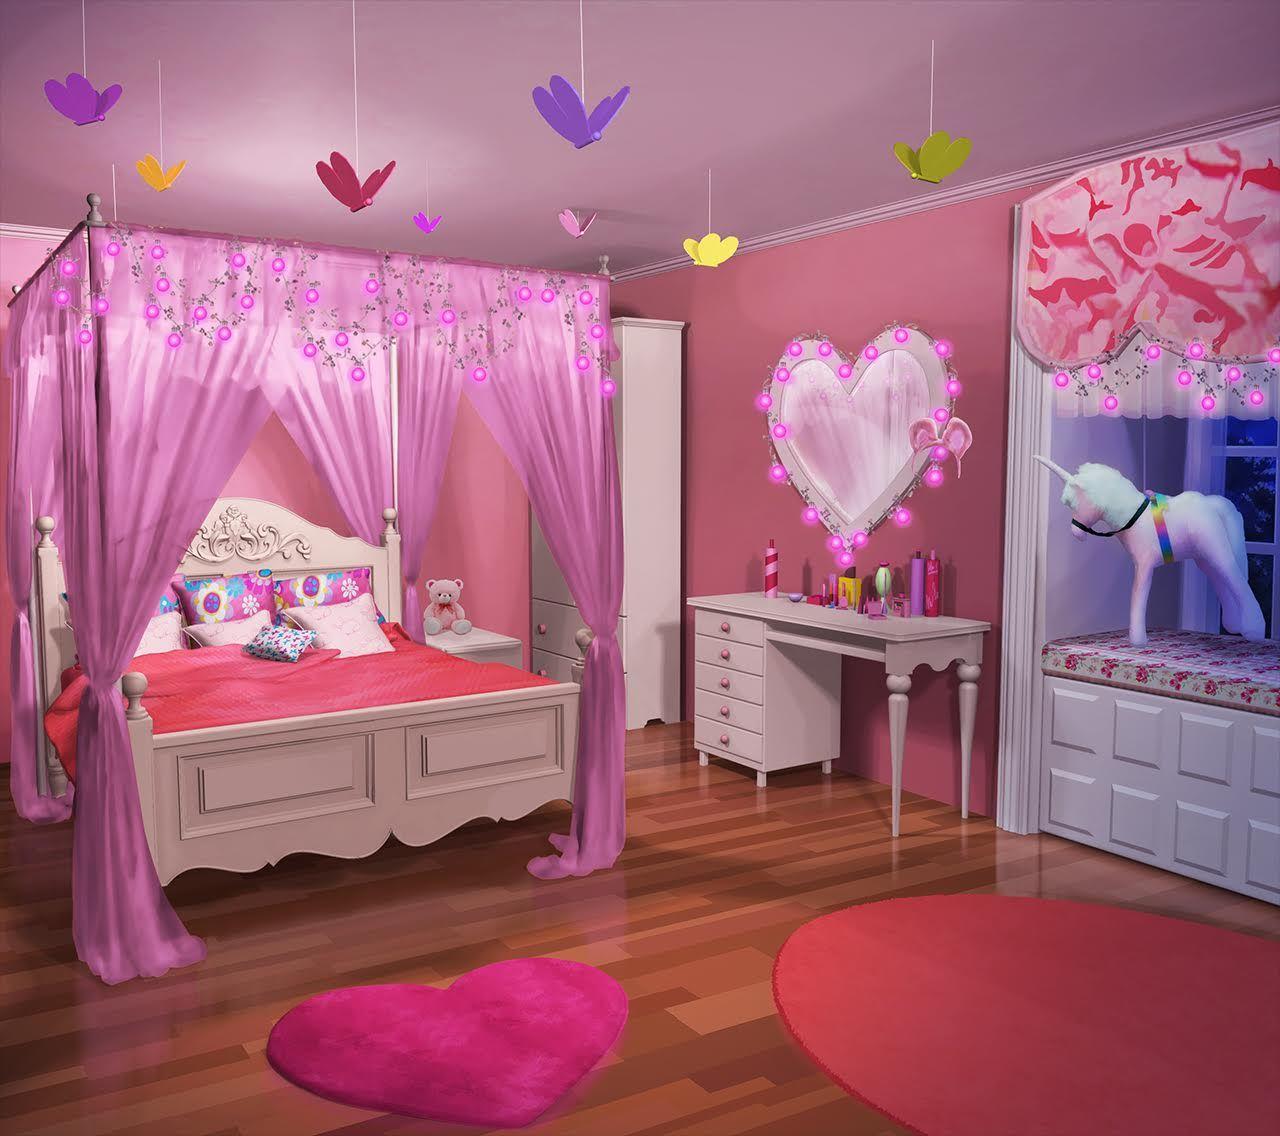 Anime Wallpaper For Bedroom Bedroom Arrangement Pictures Vintage Teenage Bedroom Ideas Hippie Bedroom Decor: INT. KARENS BEDROOM - NIGHT